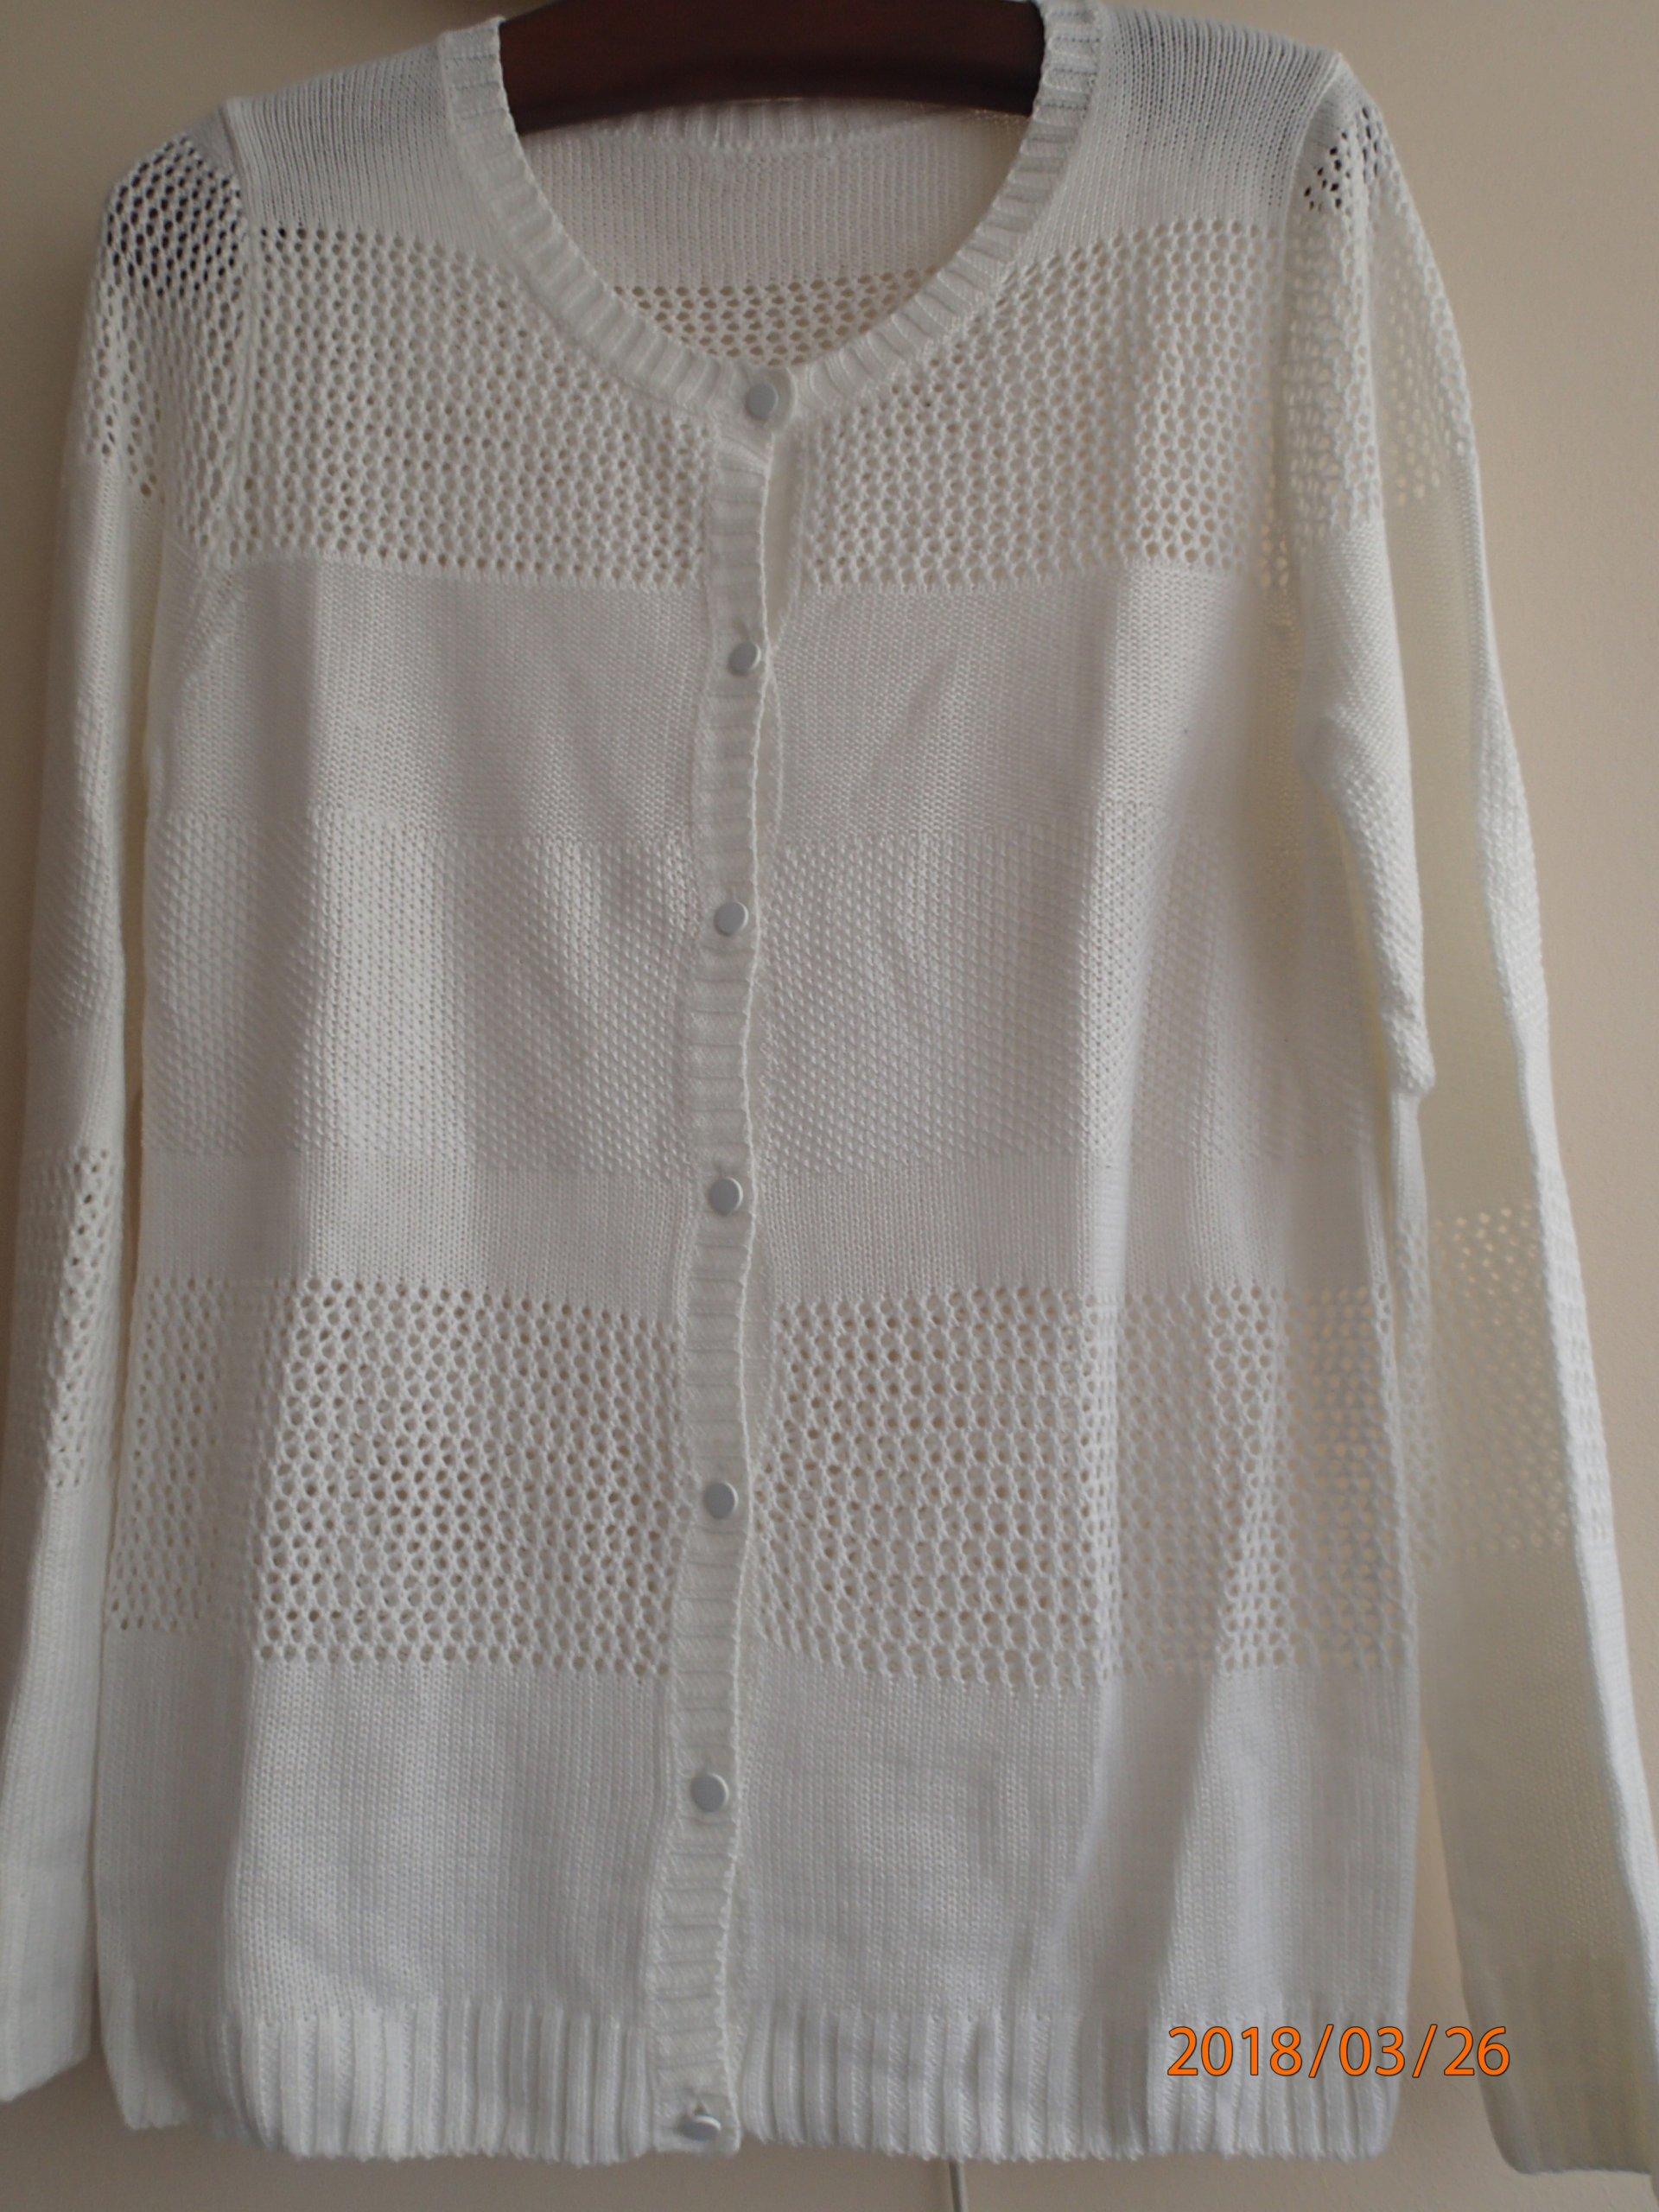 1e4cf2f5606419 Sweter kardigan ażurowy Zara biały - 7528350197 - oficjalne archiwum ...